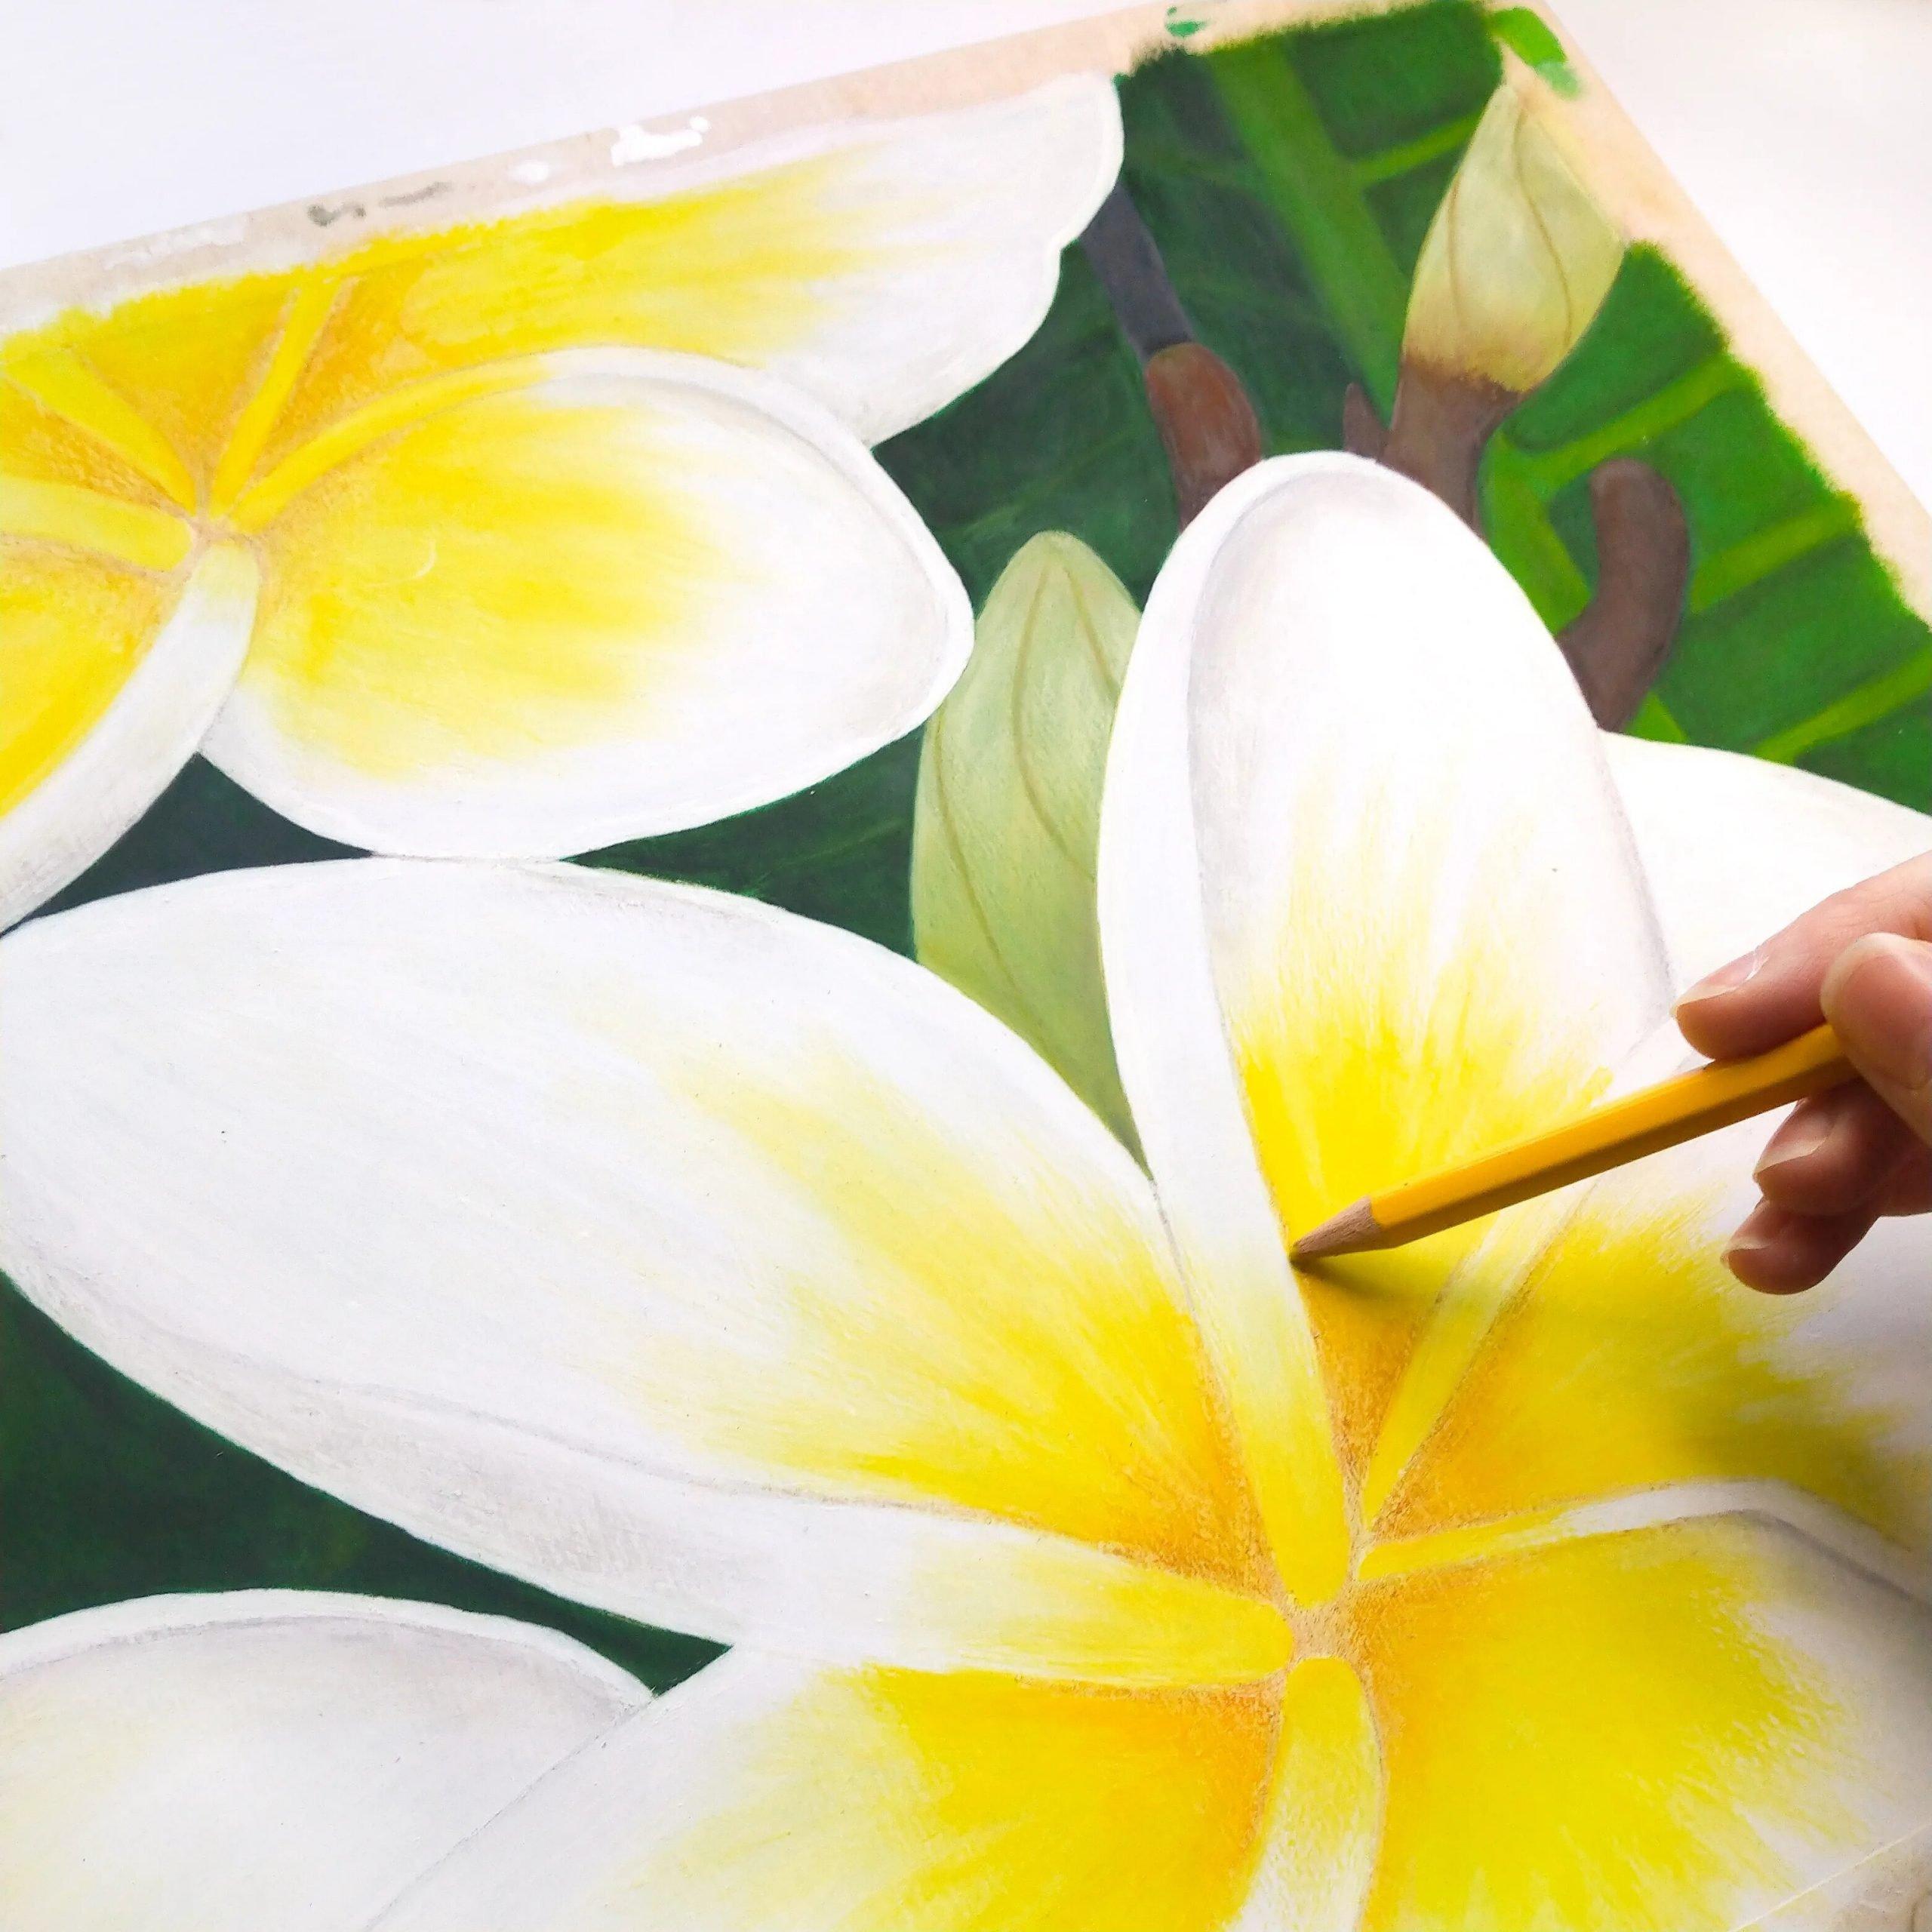 Peinture et dessin de fleurs exotiques de plumeria sur bois, acrylique et pastels, par l'artiste Aline Belliard.